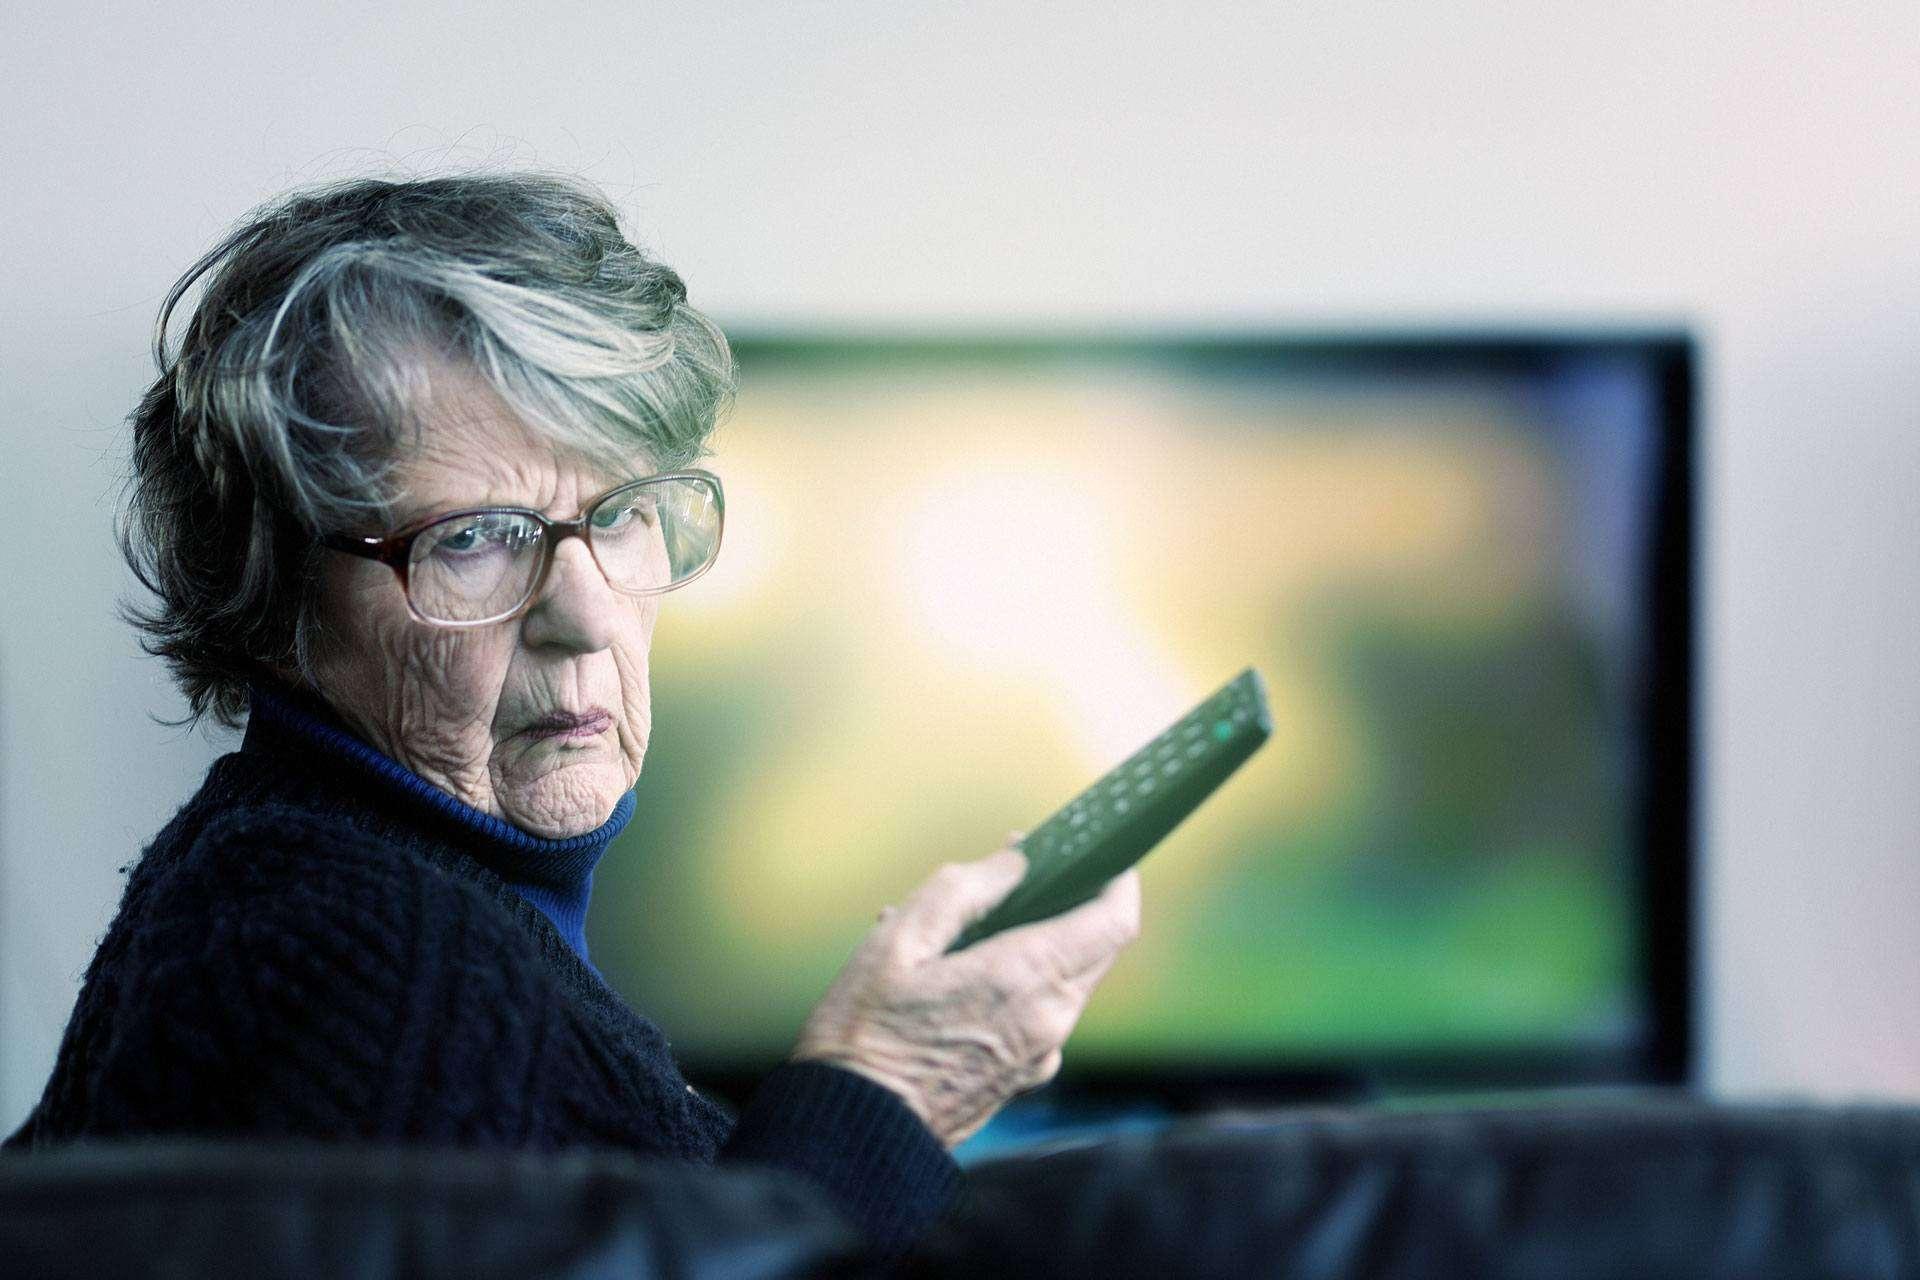 Eine ältere Dame schaut verwirrt (c) Getty Images